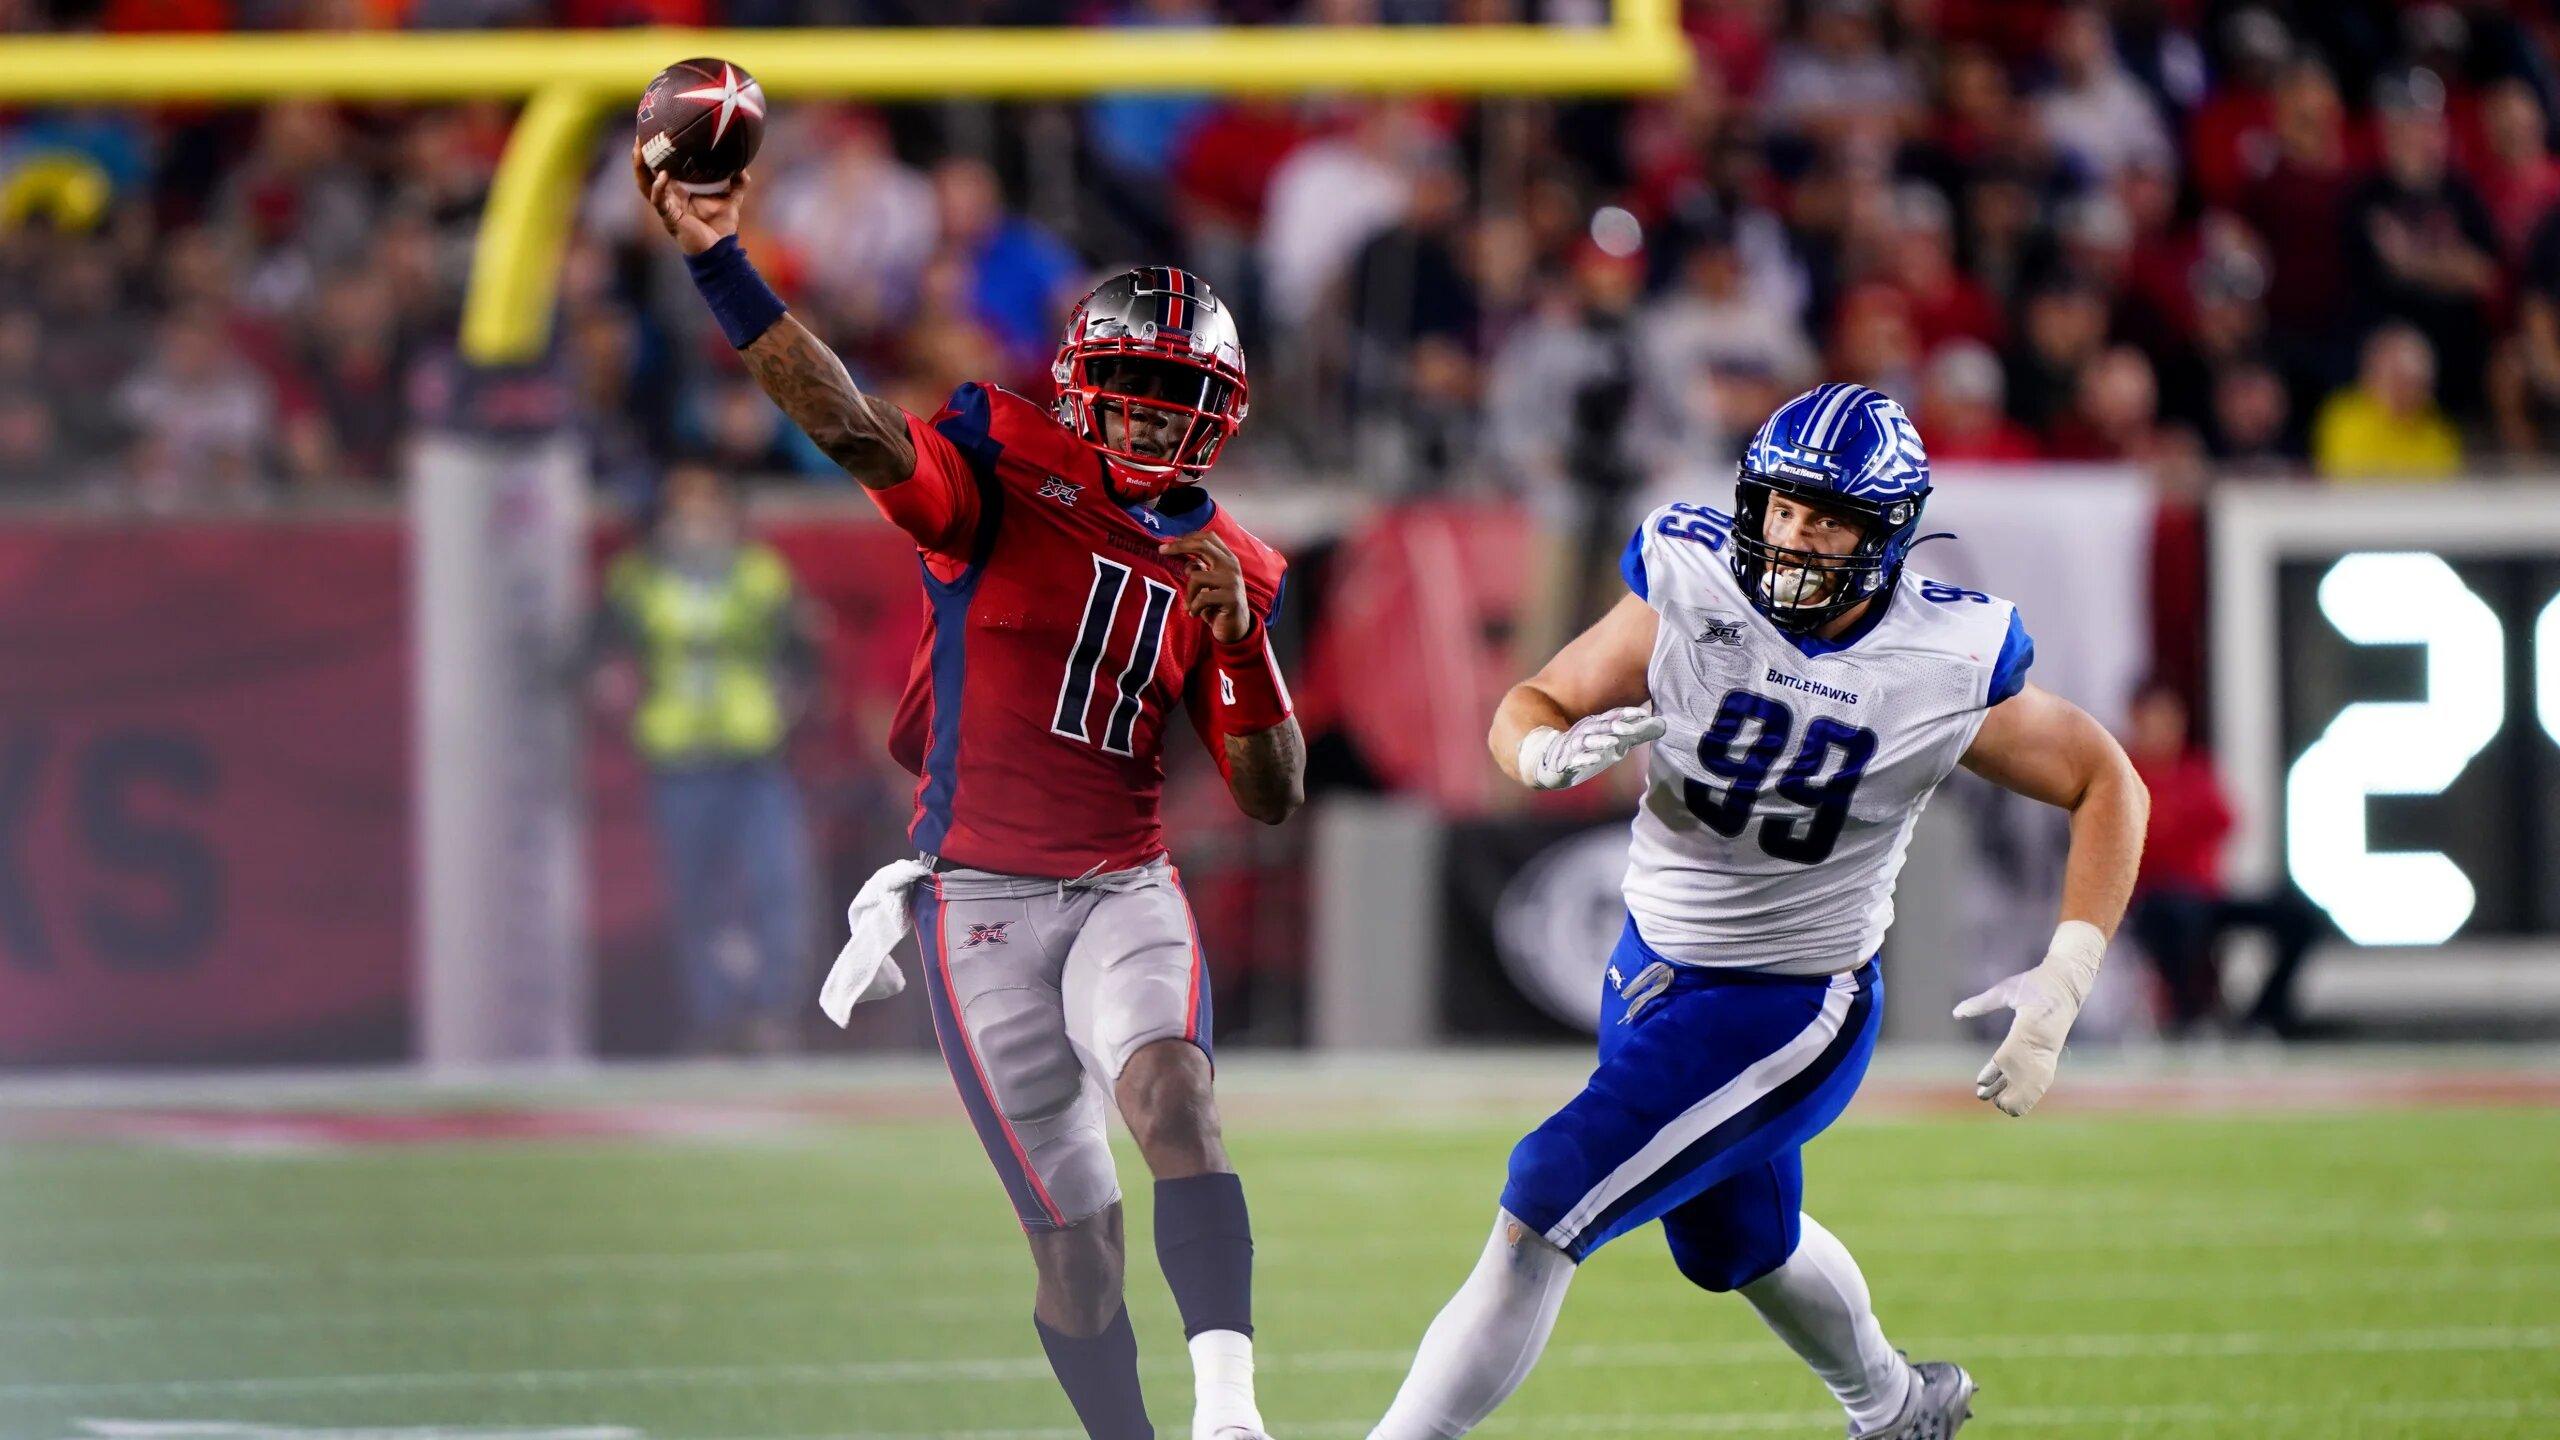 Houston Roughnecks quarterback P.J. Walker attempting a pass against the St. Louis BattleHawks